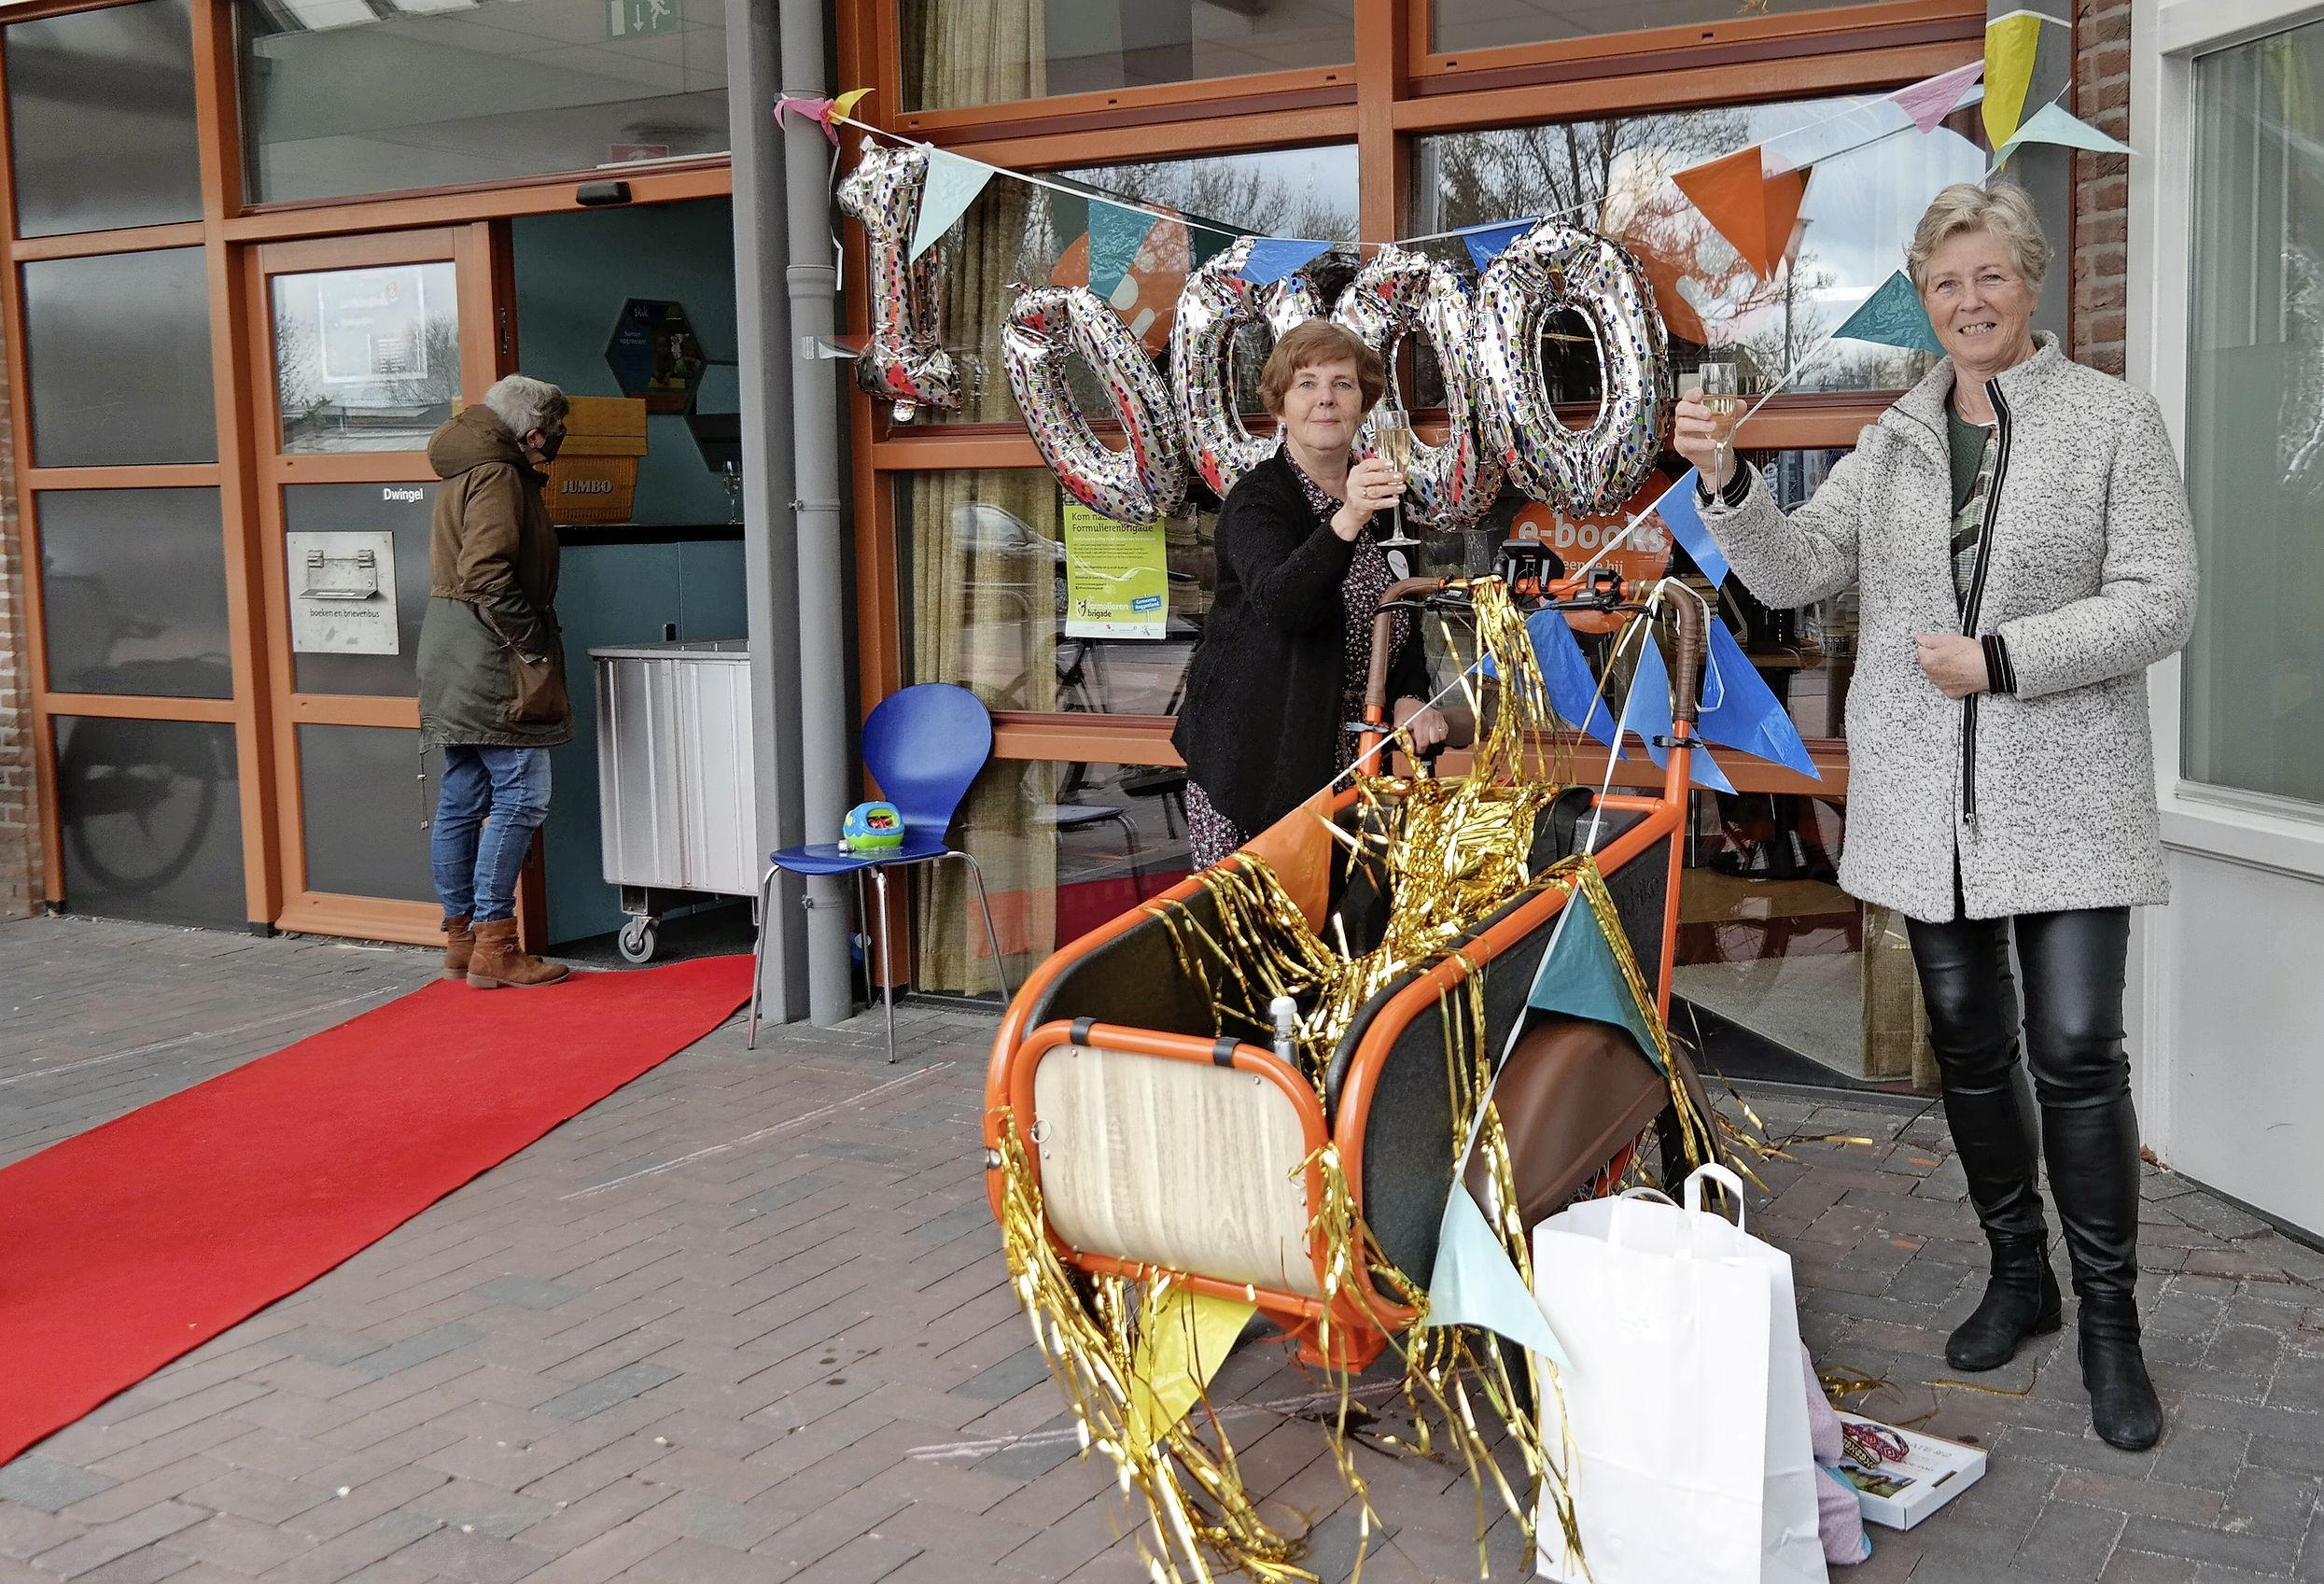 Westfriese Bestelbieb vult 10.000e verrassingstas in coronatijd: 'Jaar geleden niet verwacht dat het zo'n succes zou worden'